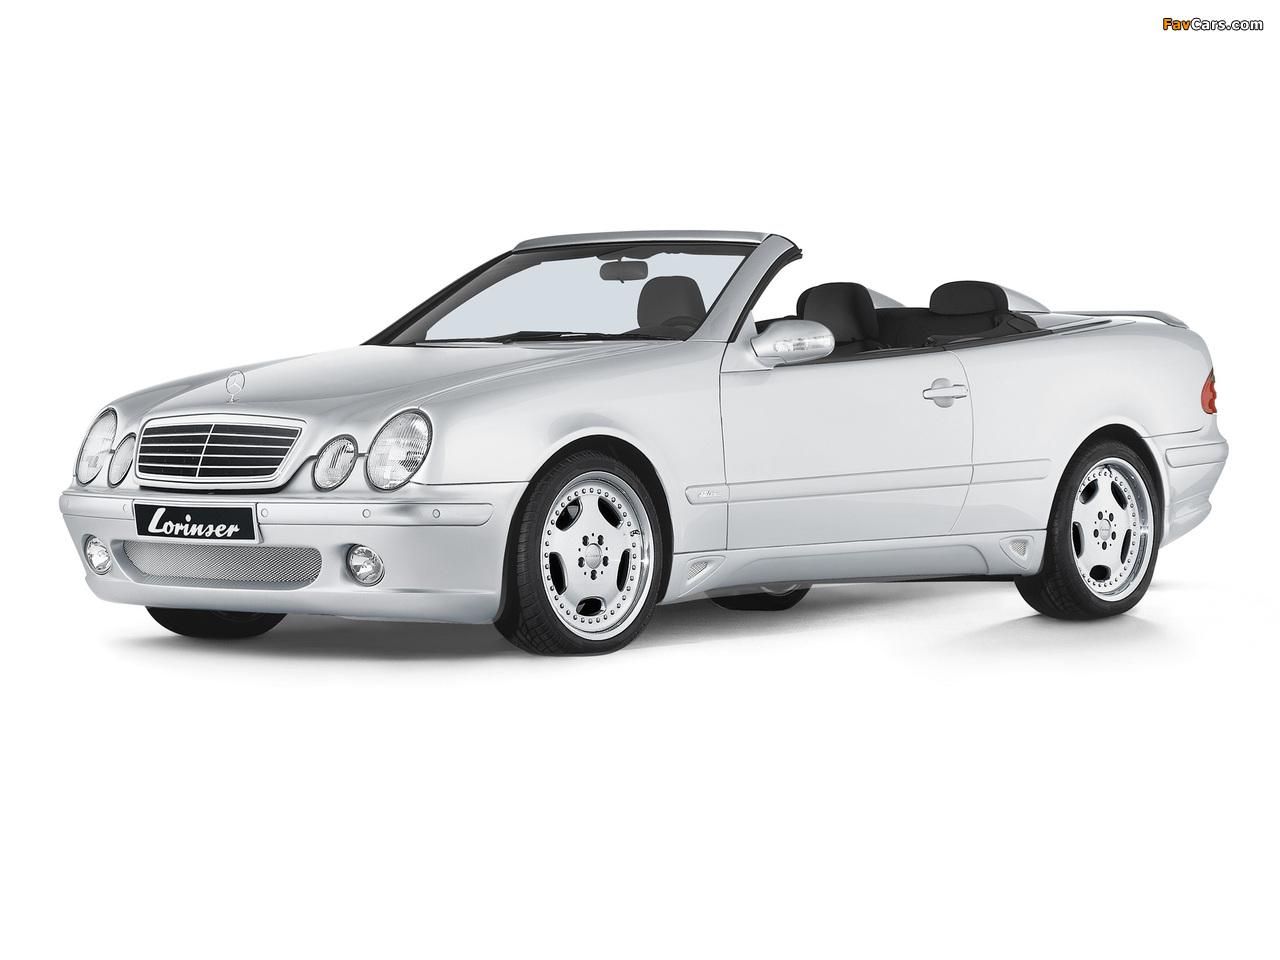 Lorinser Mercedes-Benz CLK-Klasse Cabrio (A208) 1998–2002 photos (1280 x 960)